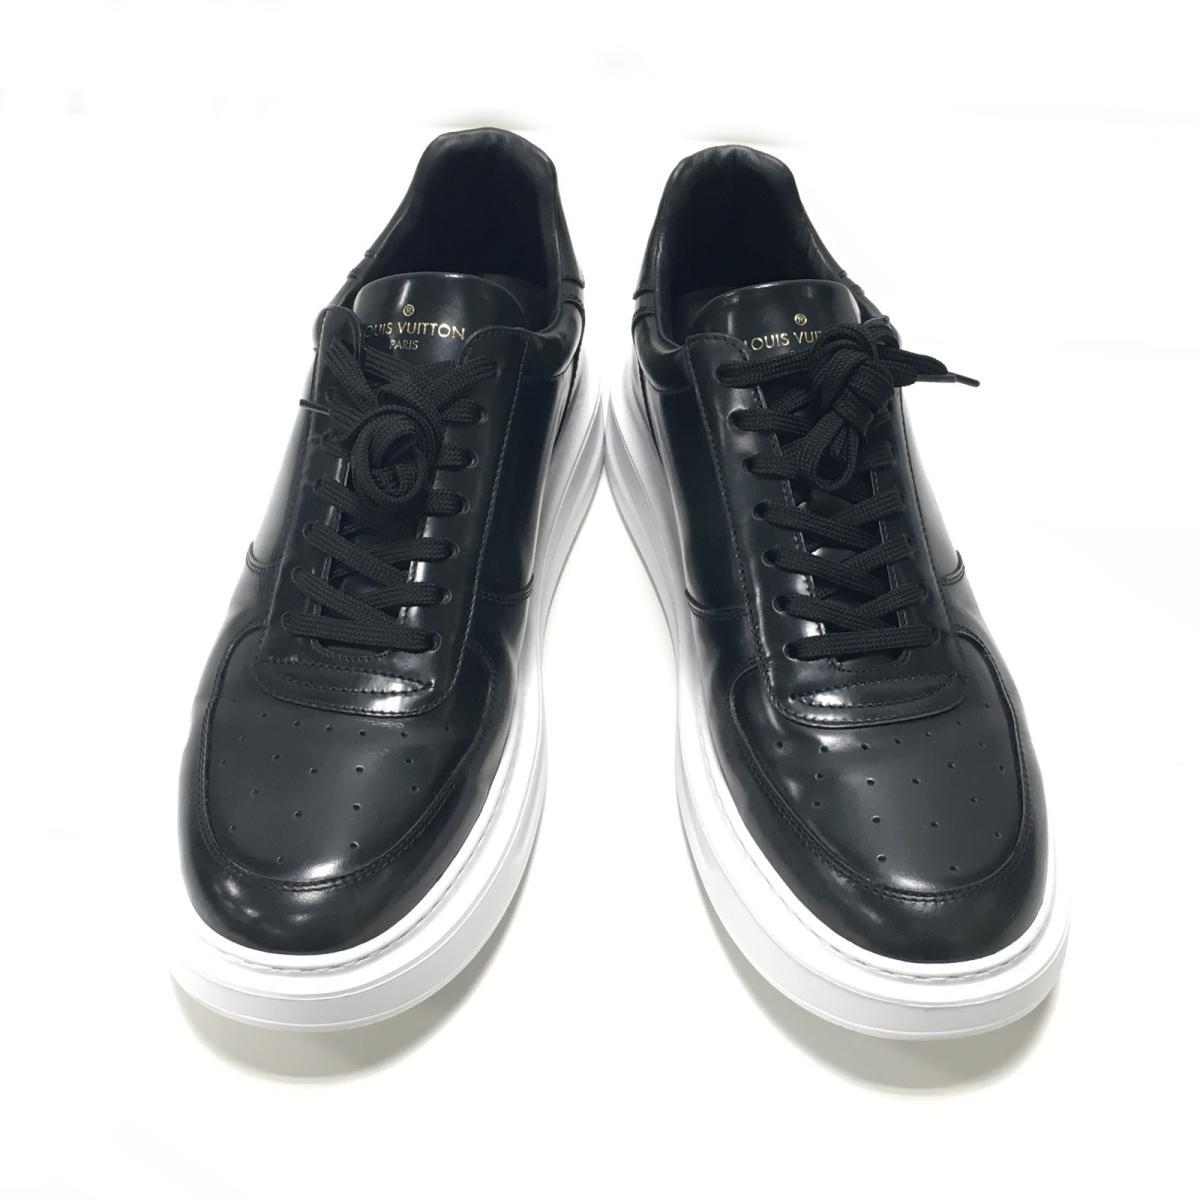 【中古】 ルイヴィトン ビバリーヒルズライン スニーカー 靴 メンズ レザー (1A460T) | LOUIS VUITTON ヴィトン ビトン ルイ・ヴィトン くつ 靴 ビバリーヒルズラインスニーカー 美品 ブランドオフ BRANDOFF